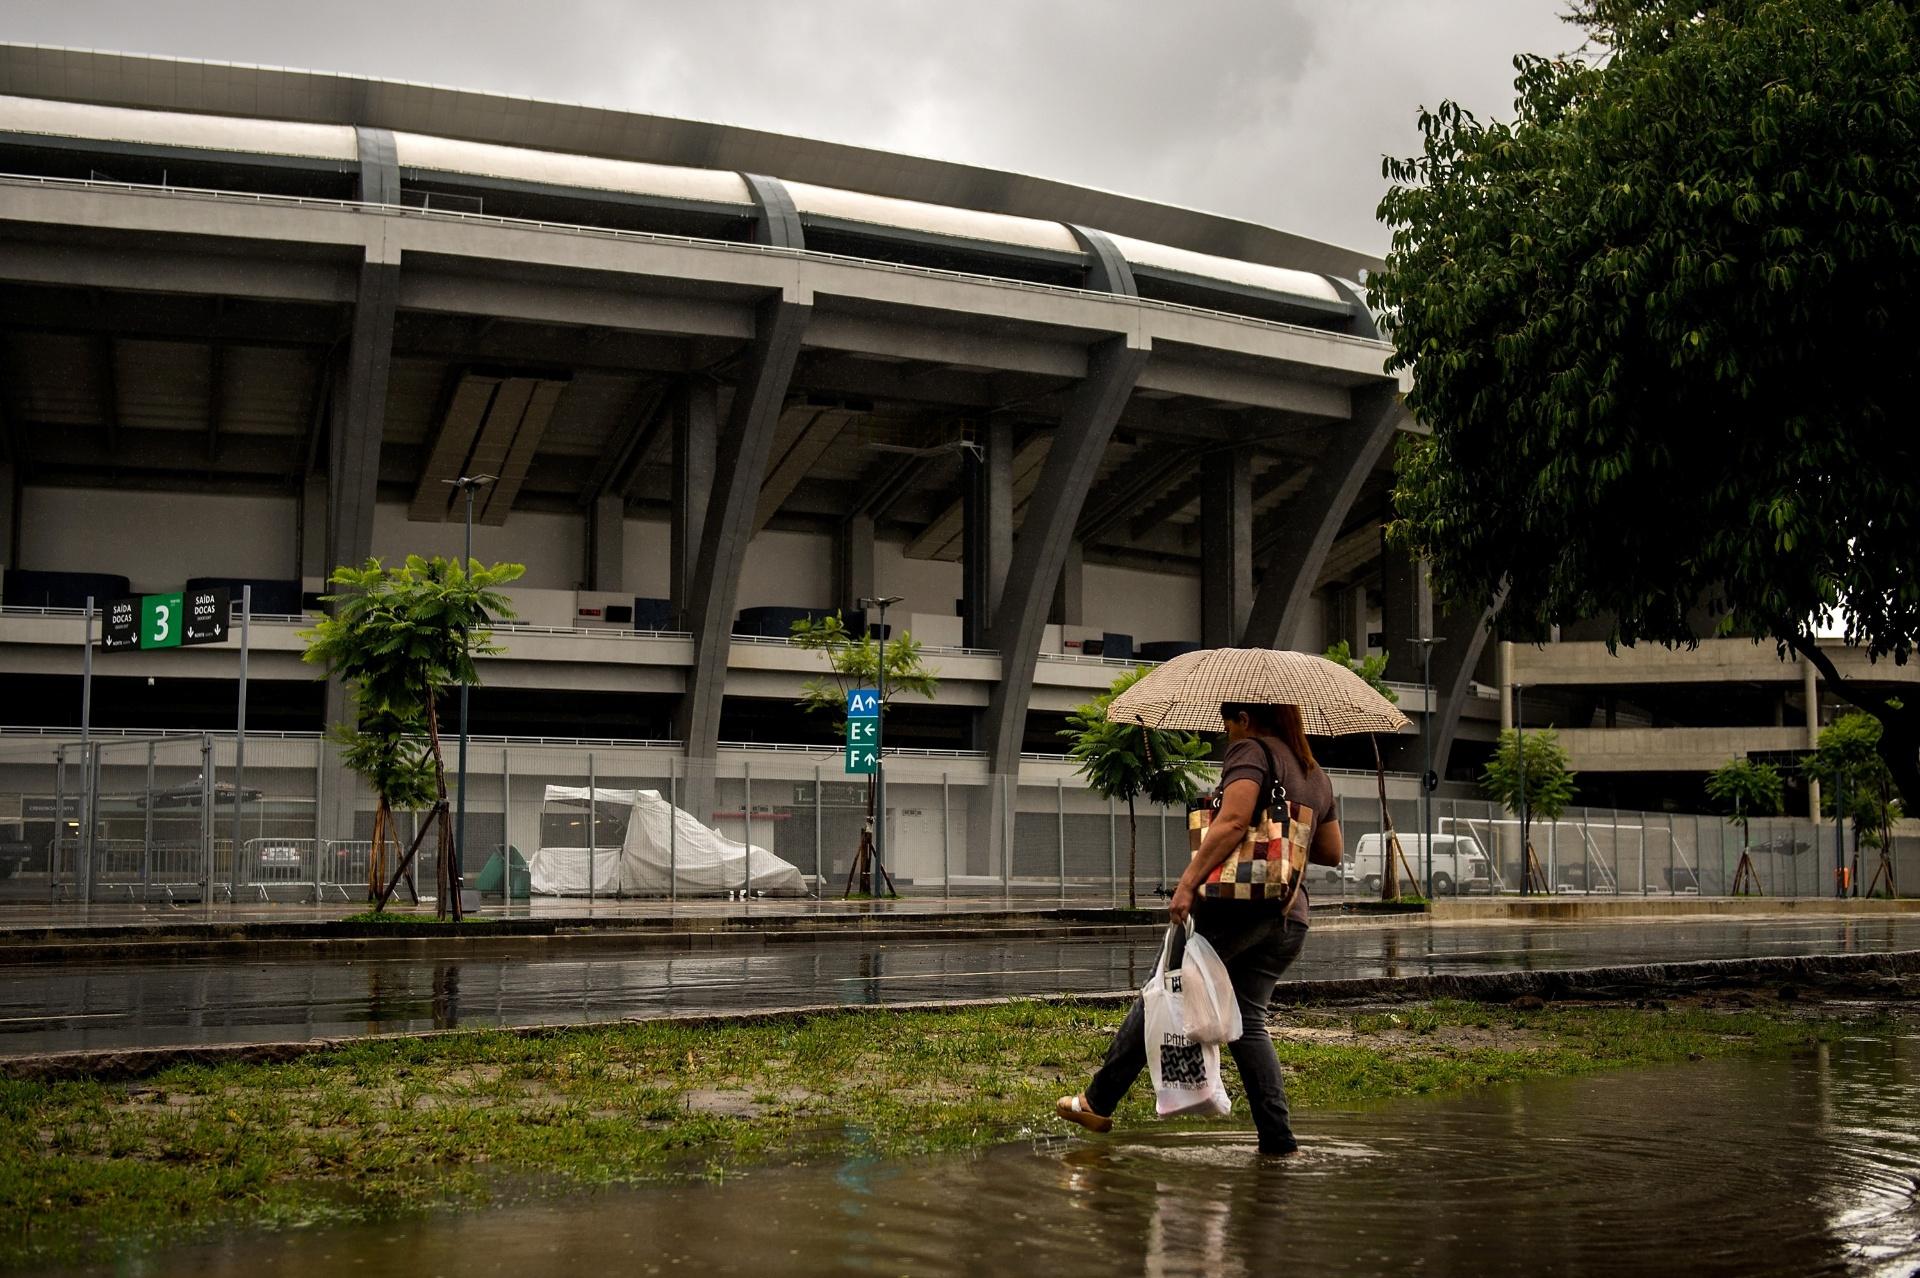 Maracanã: detalhe de mulher passando por área alagada no entorno do estádio